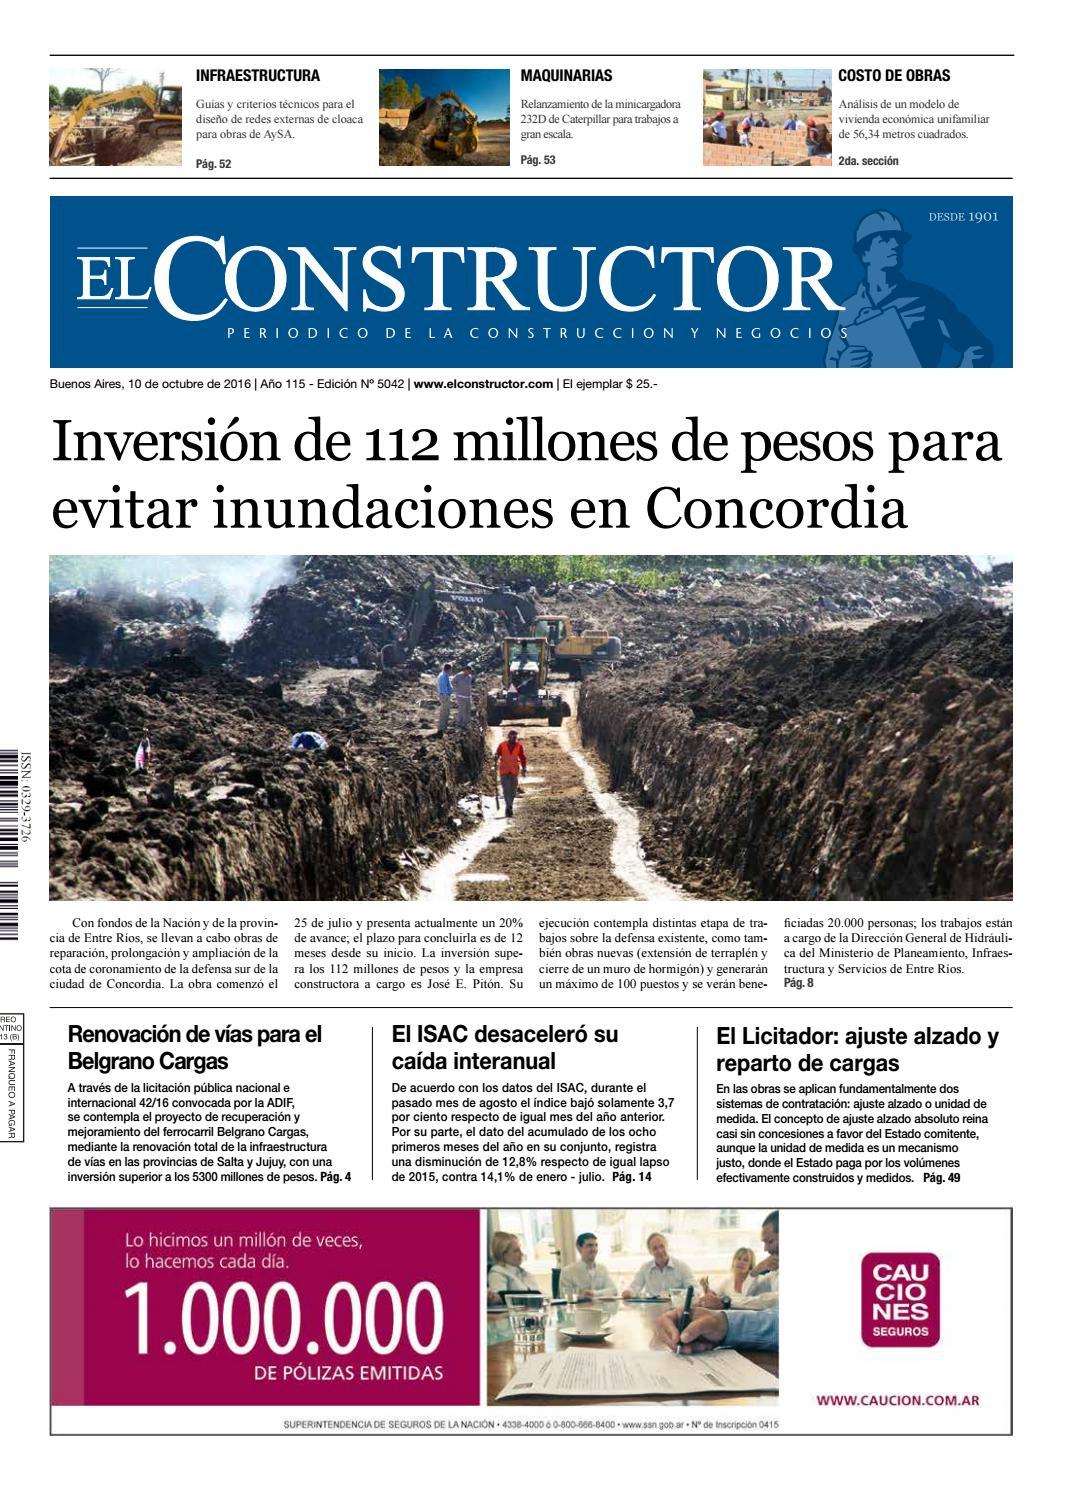 El Constructor 10/10/2016 - N° 5042 Año 115 by ELCO Editores - issuu